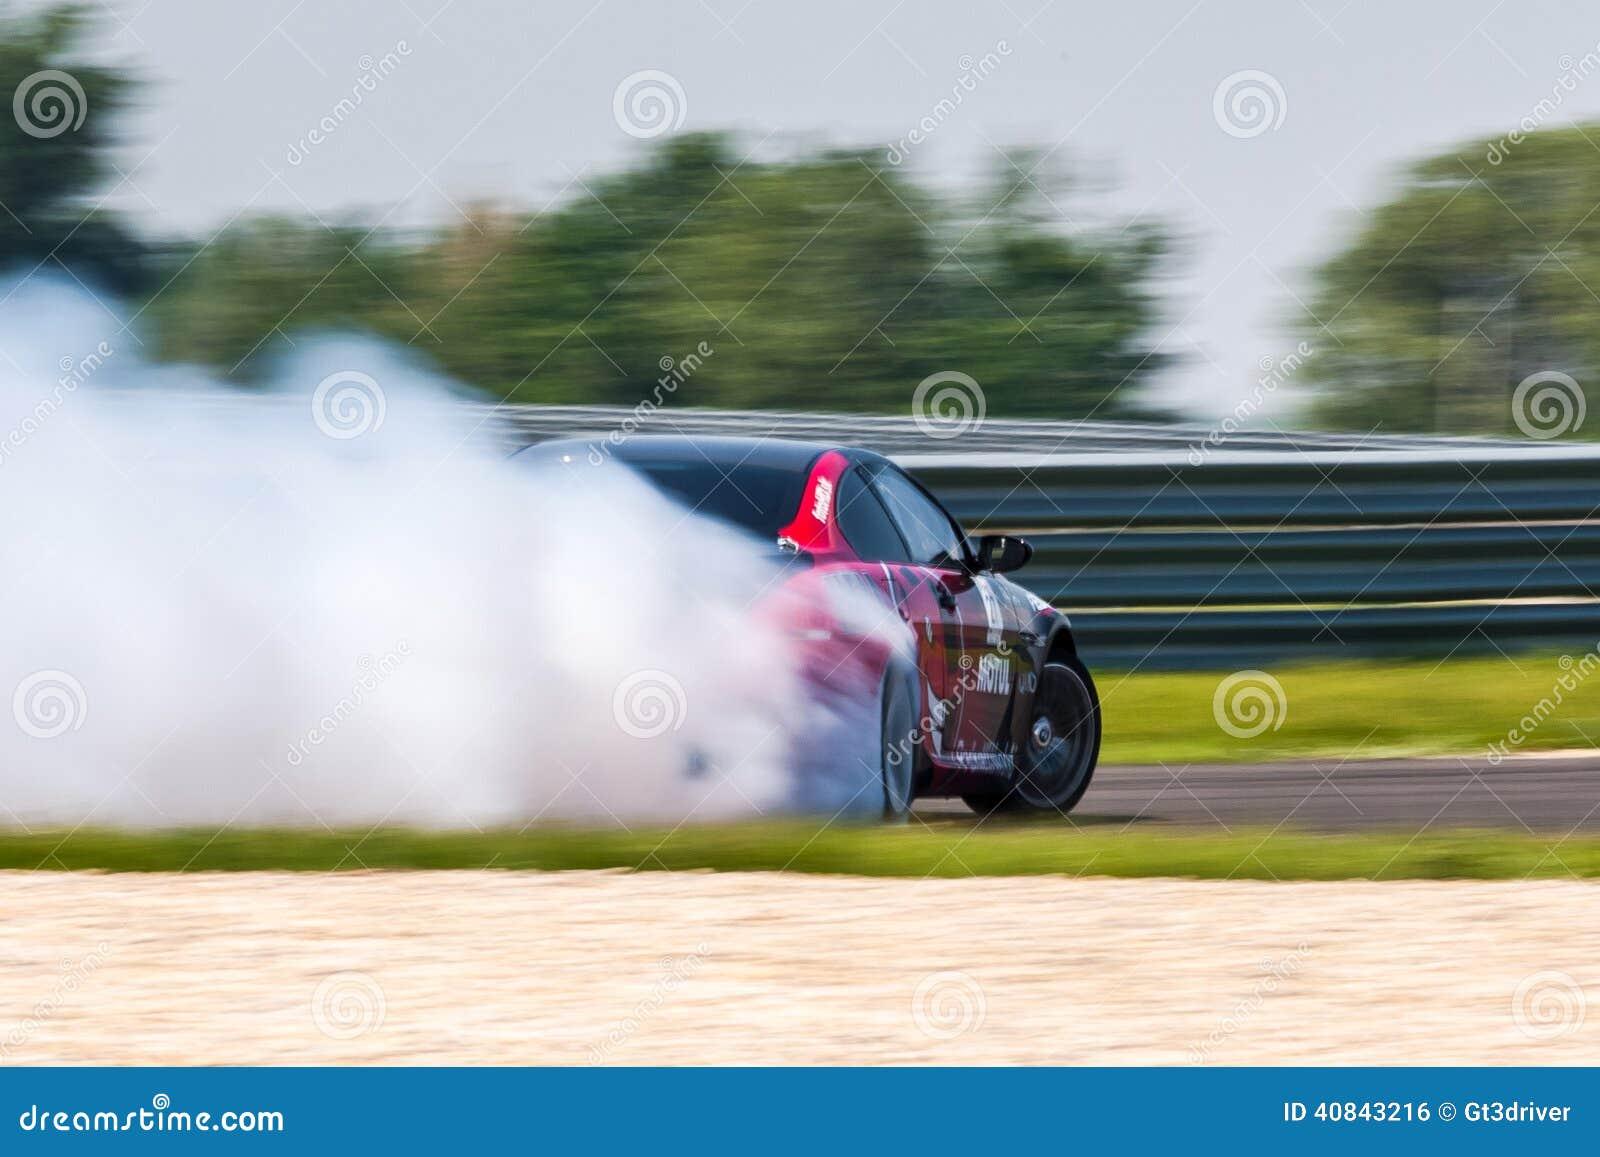 BMW M6 drift car